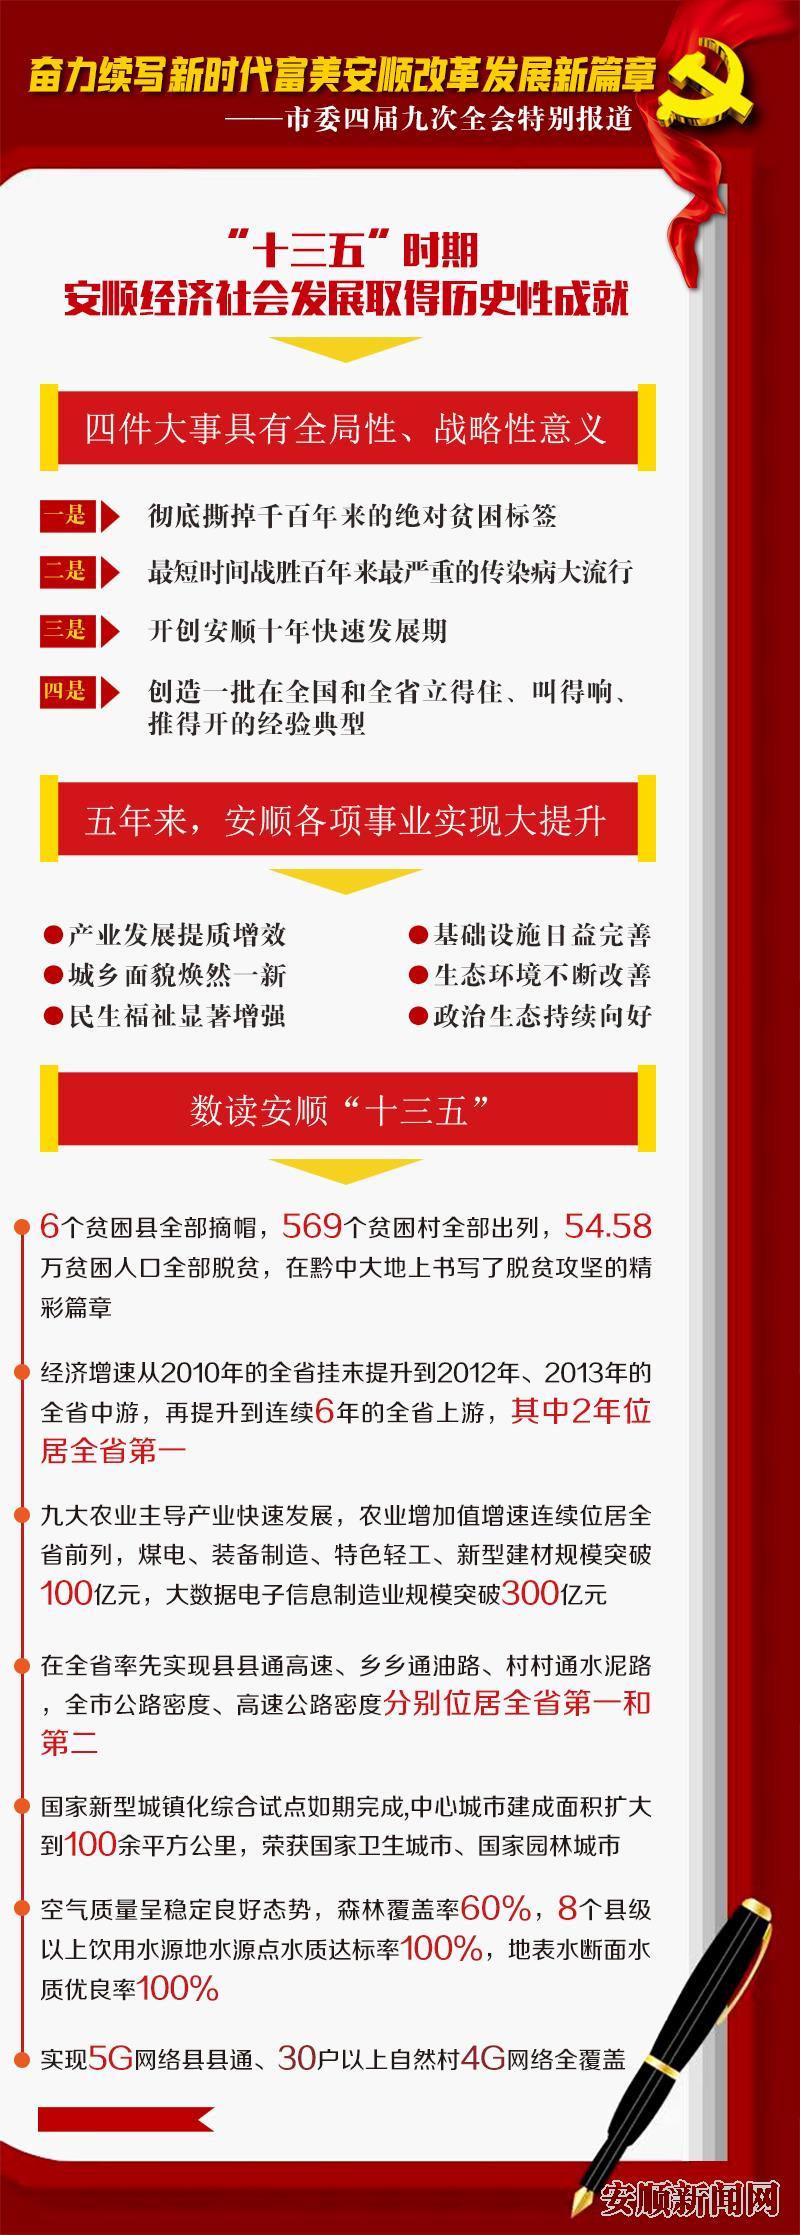 安顺市委四届九次全会-2小.jpg